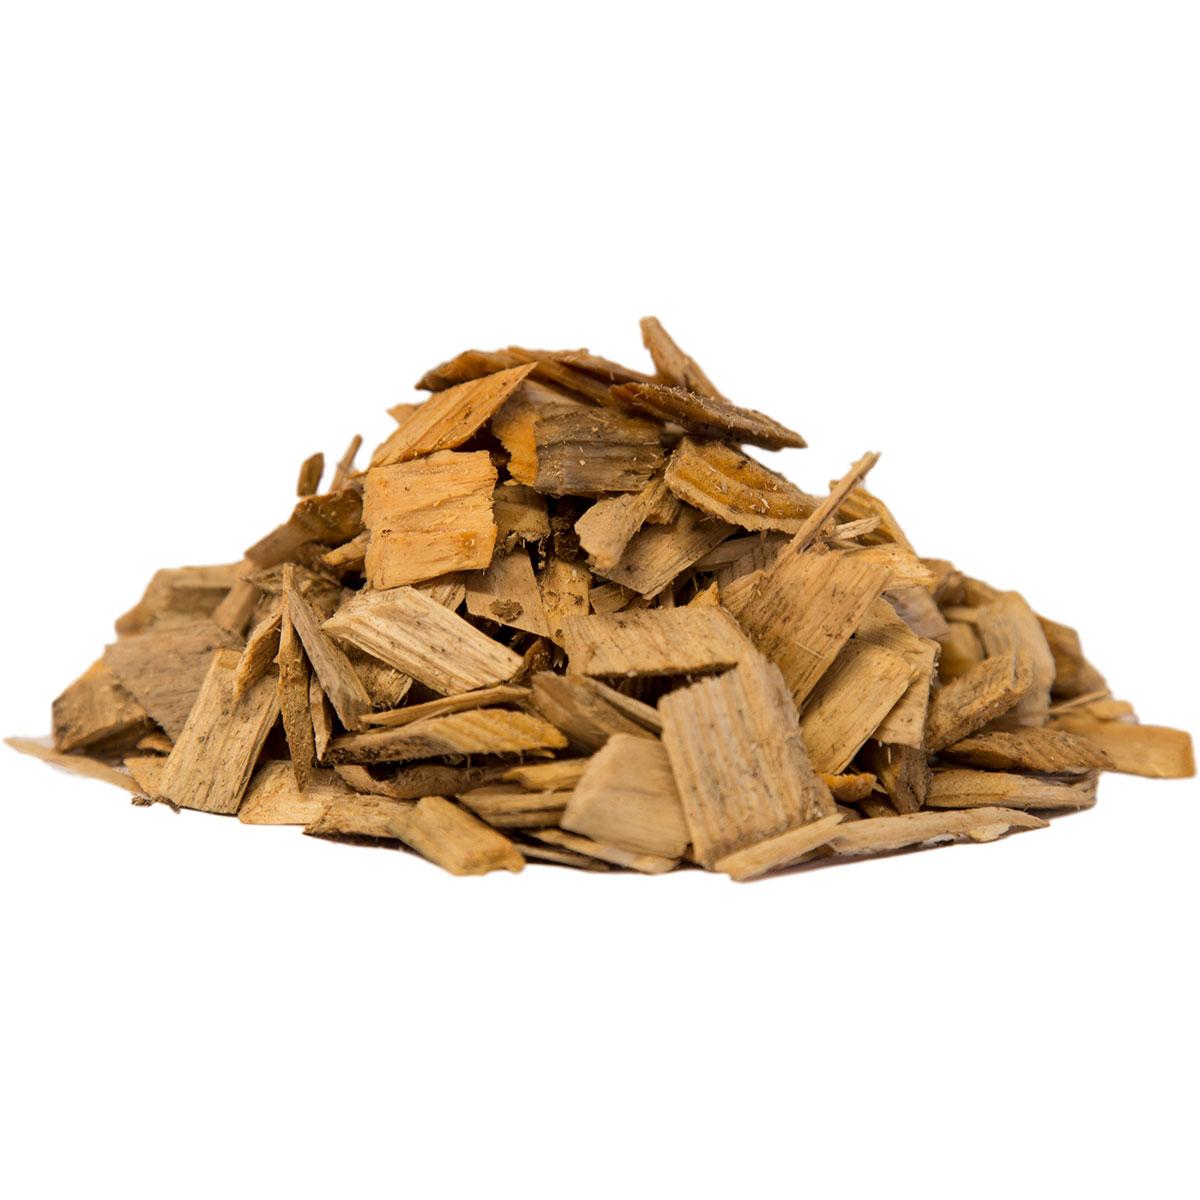 Image of   Champost træflis af hele stammer - 2500 liter